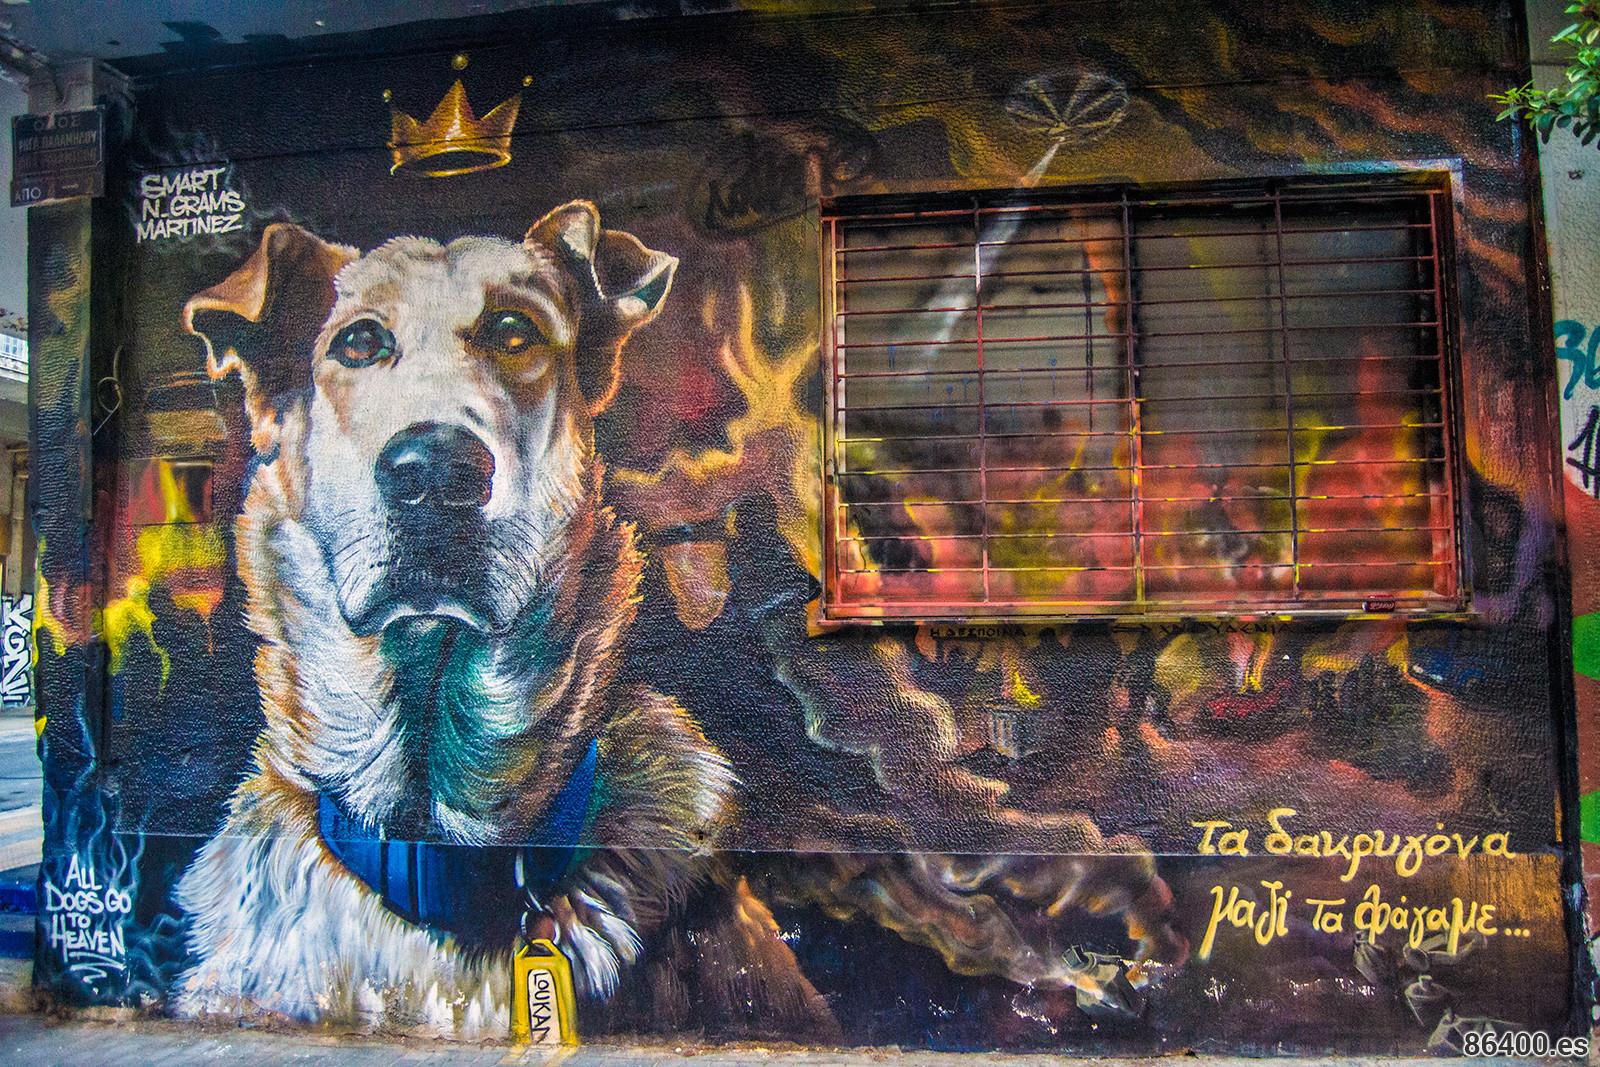 Graffiti perro Lukanicos - Atenas turismo